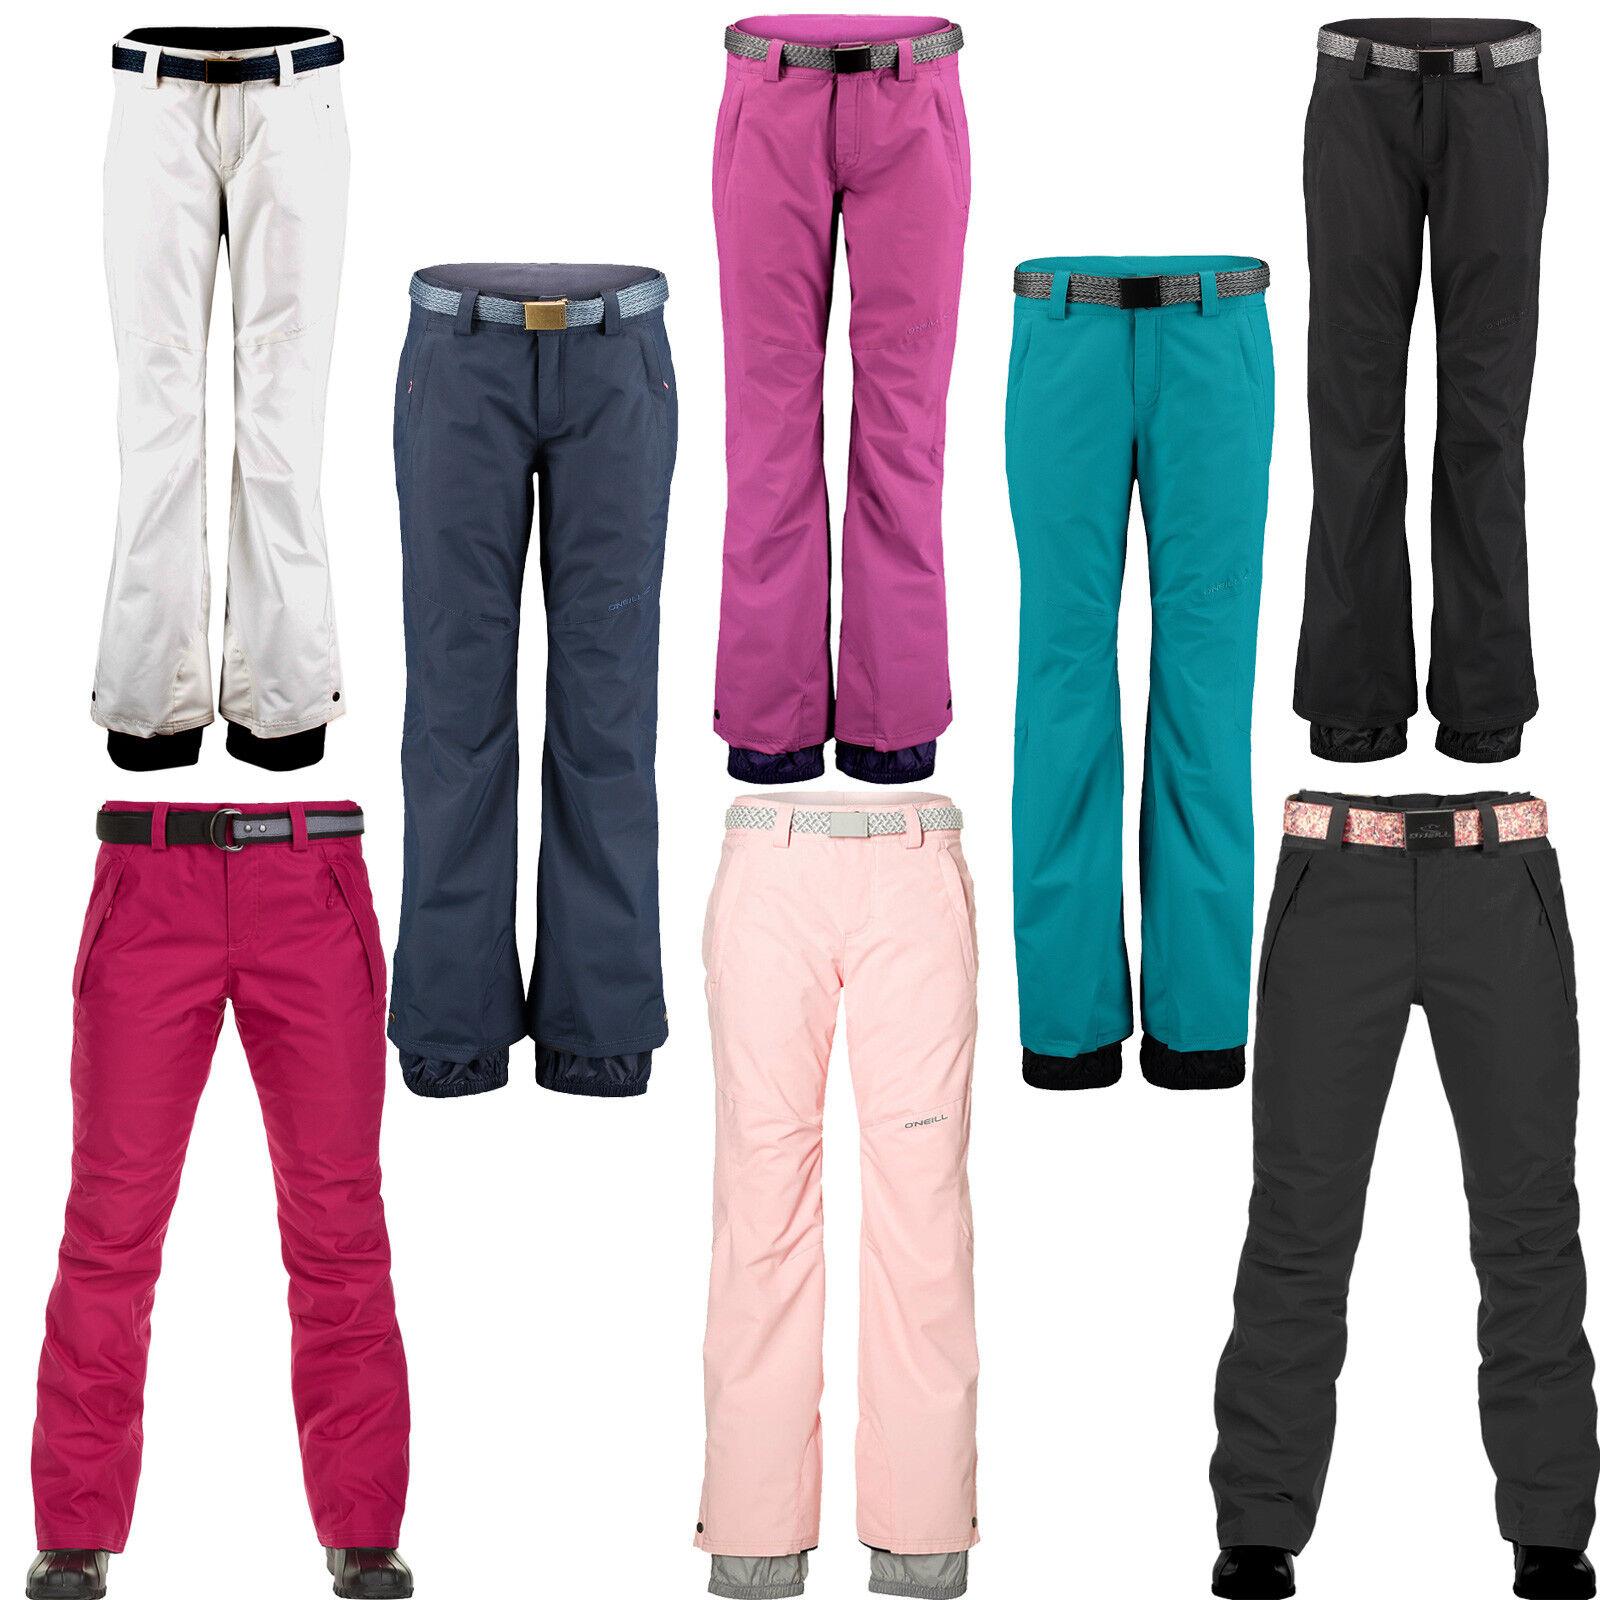 neu kaufen Wählen Sie für offizielle billig werden Oneill Star Pant Damen Snowboard Trousers Ski Functional Winter Sports  Shorts